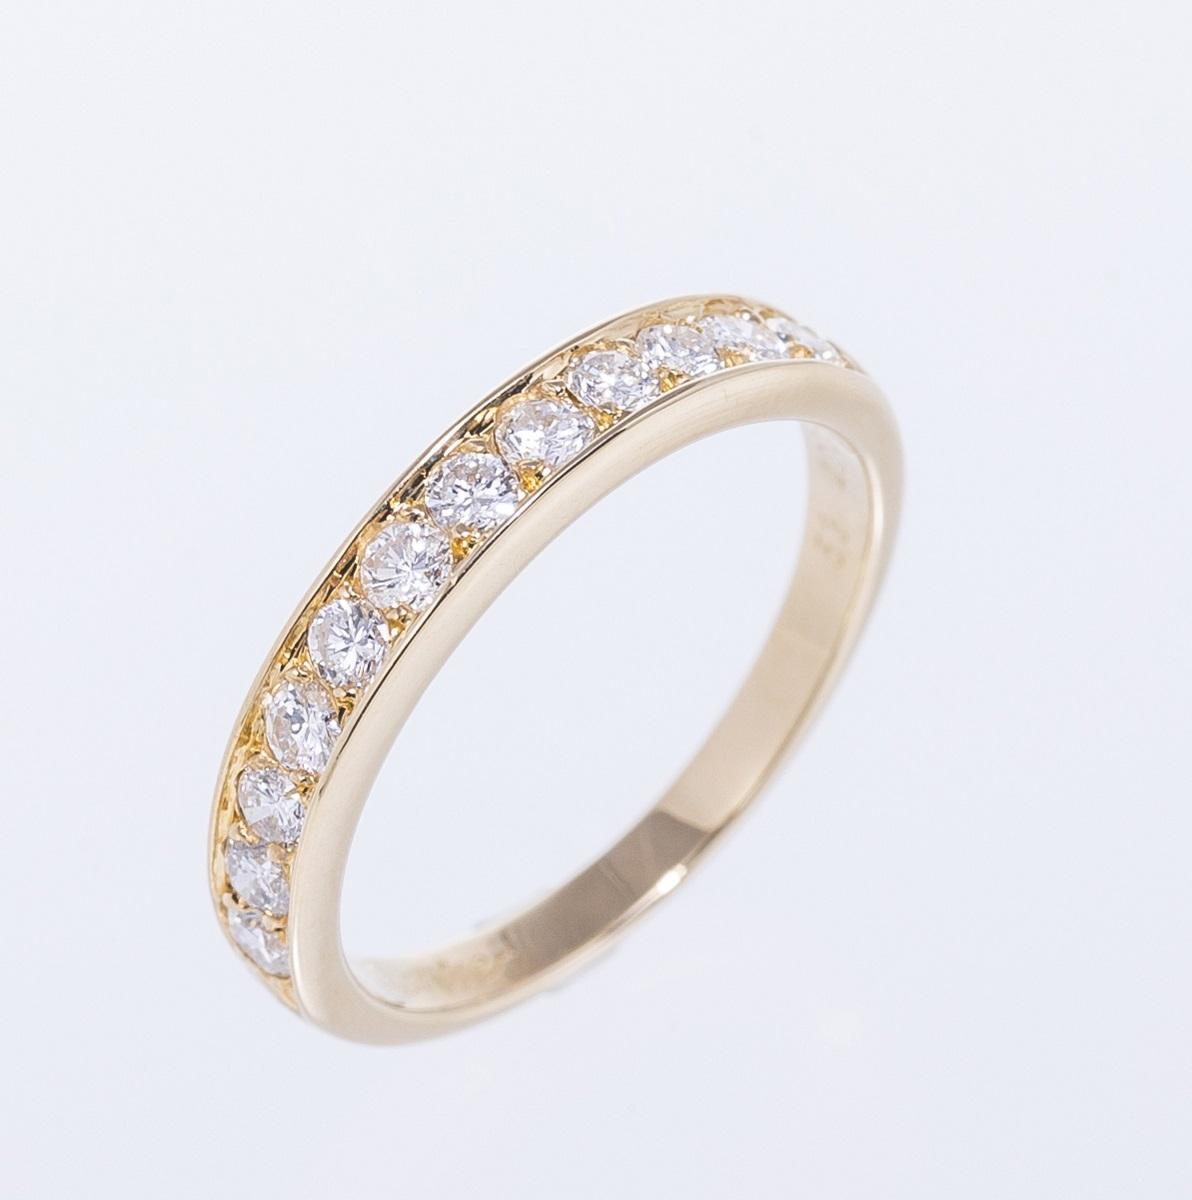 Cartier カルティエ ダイヤモンドリング 750YG #53 新品仕上げ済み 指輪 送料無料 【トレジャースポット】【中古】